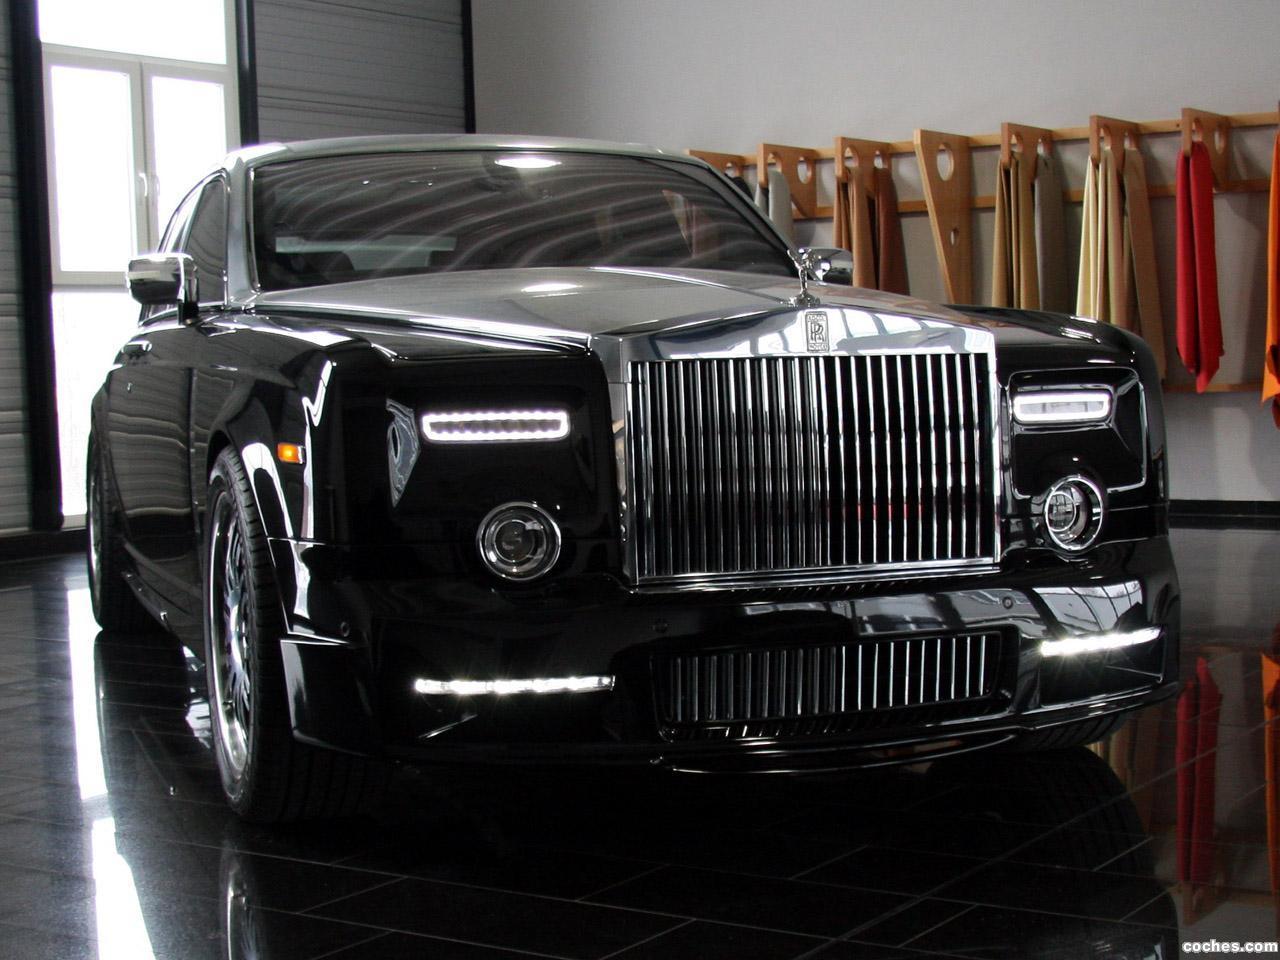 Foto 0 de Mansory Rolls Royce Phantom Conquistador 2008